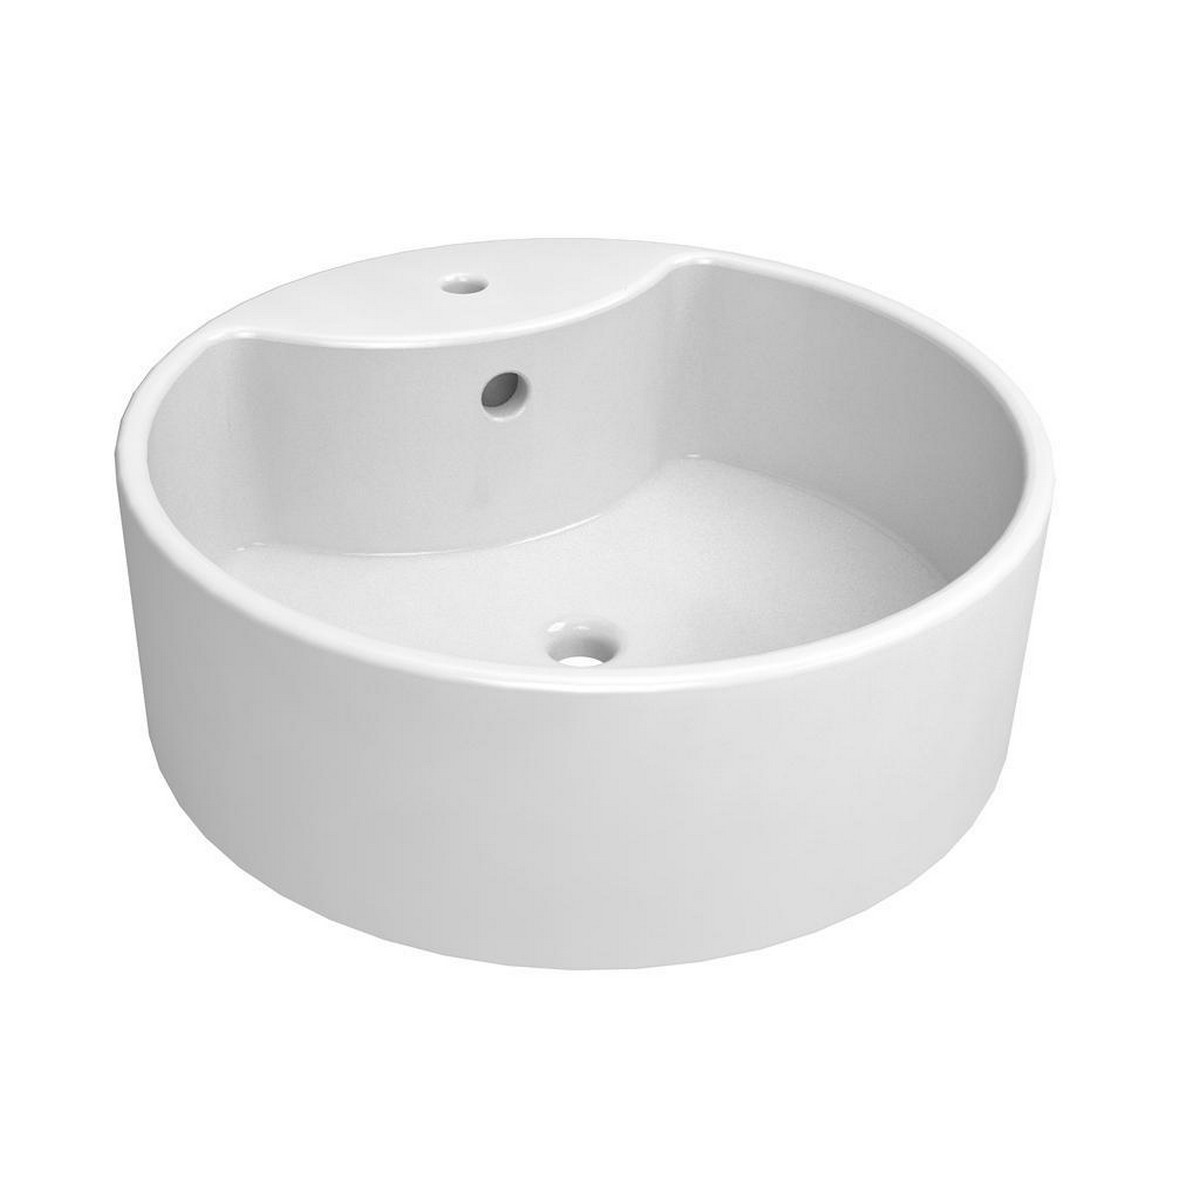 Kame Fristående Tvättställ Rondo - Handfat - Badrumsmöbler - Ba